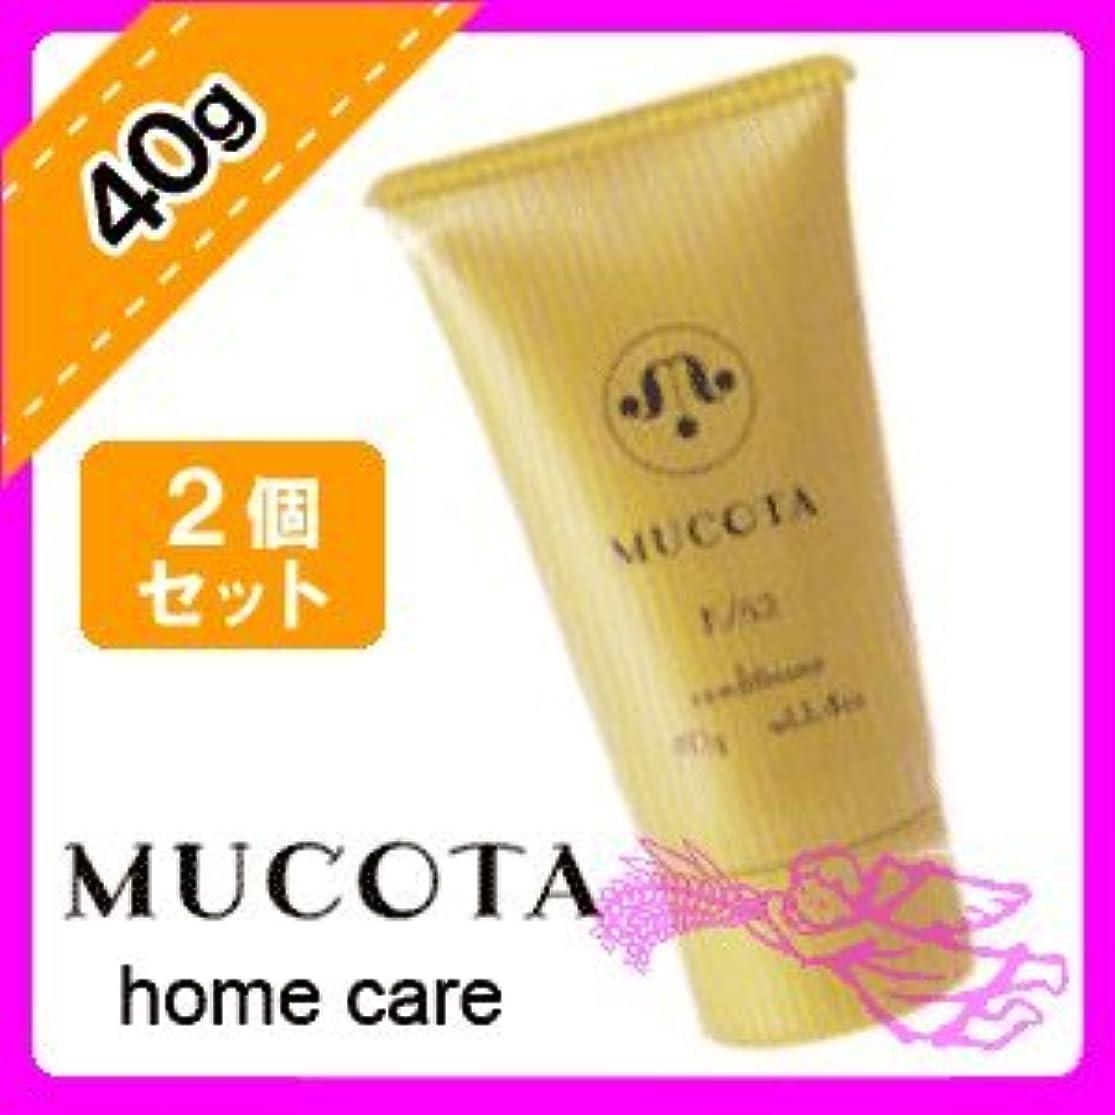 ピグマリオン公式しゃがむムコタ ホームケア コンディショナー K/52 40g × 2個 セット MUCOTA Home Care